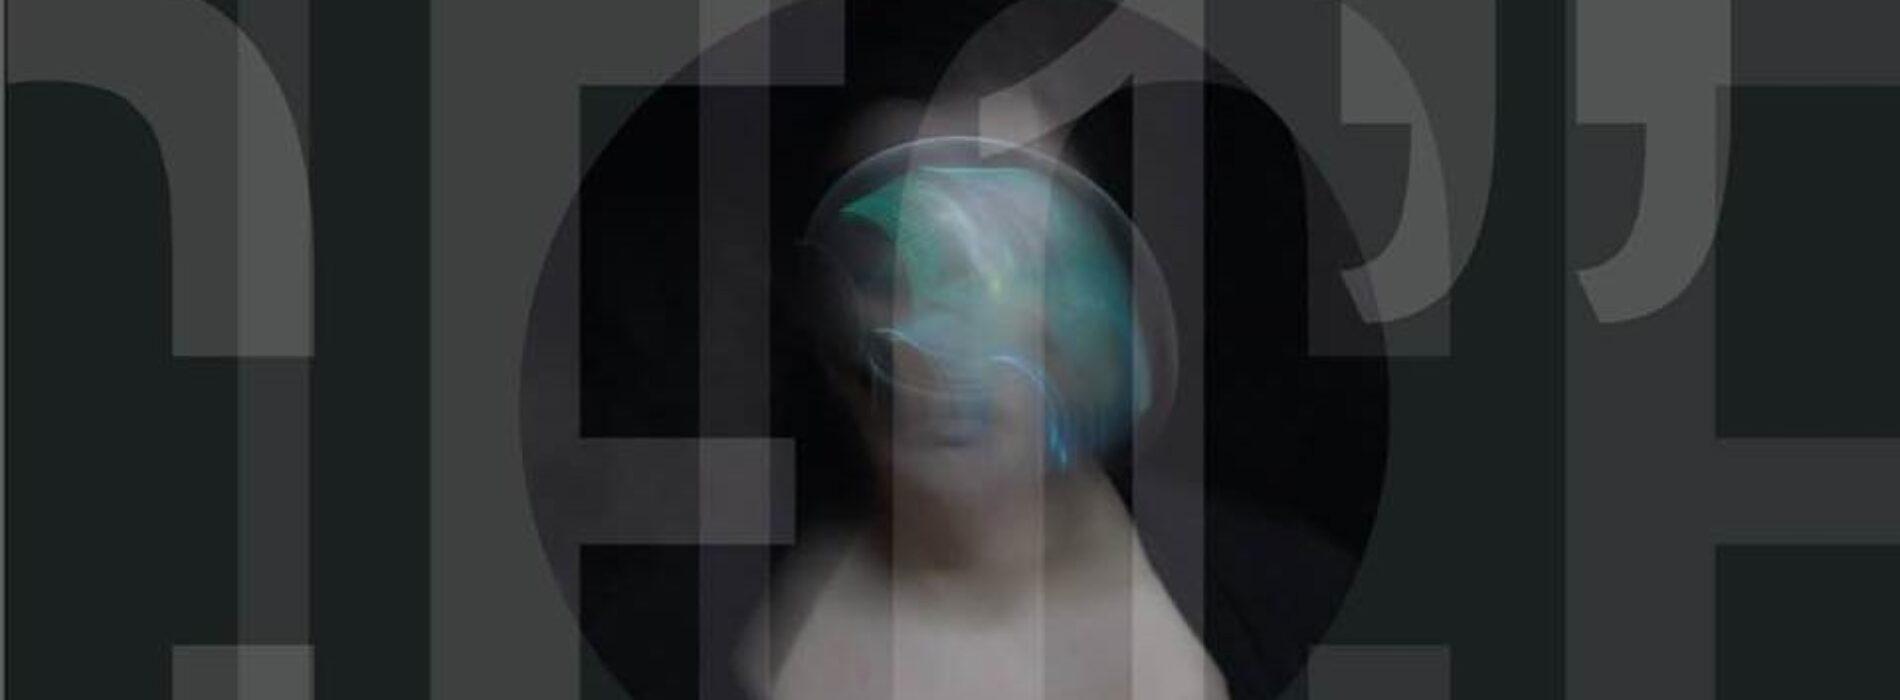 Luce 1, l'ars fotografica di Assunta Saulle al Maschio Angioino